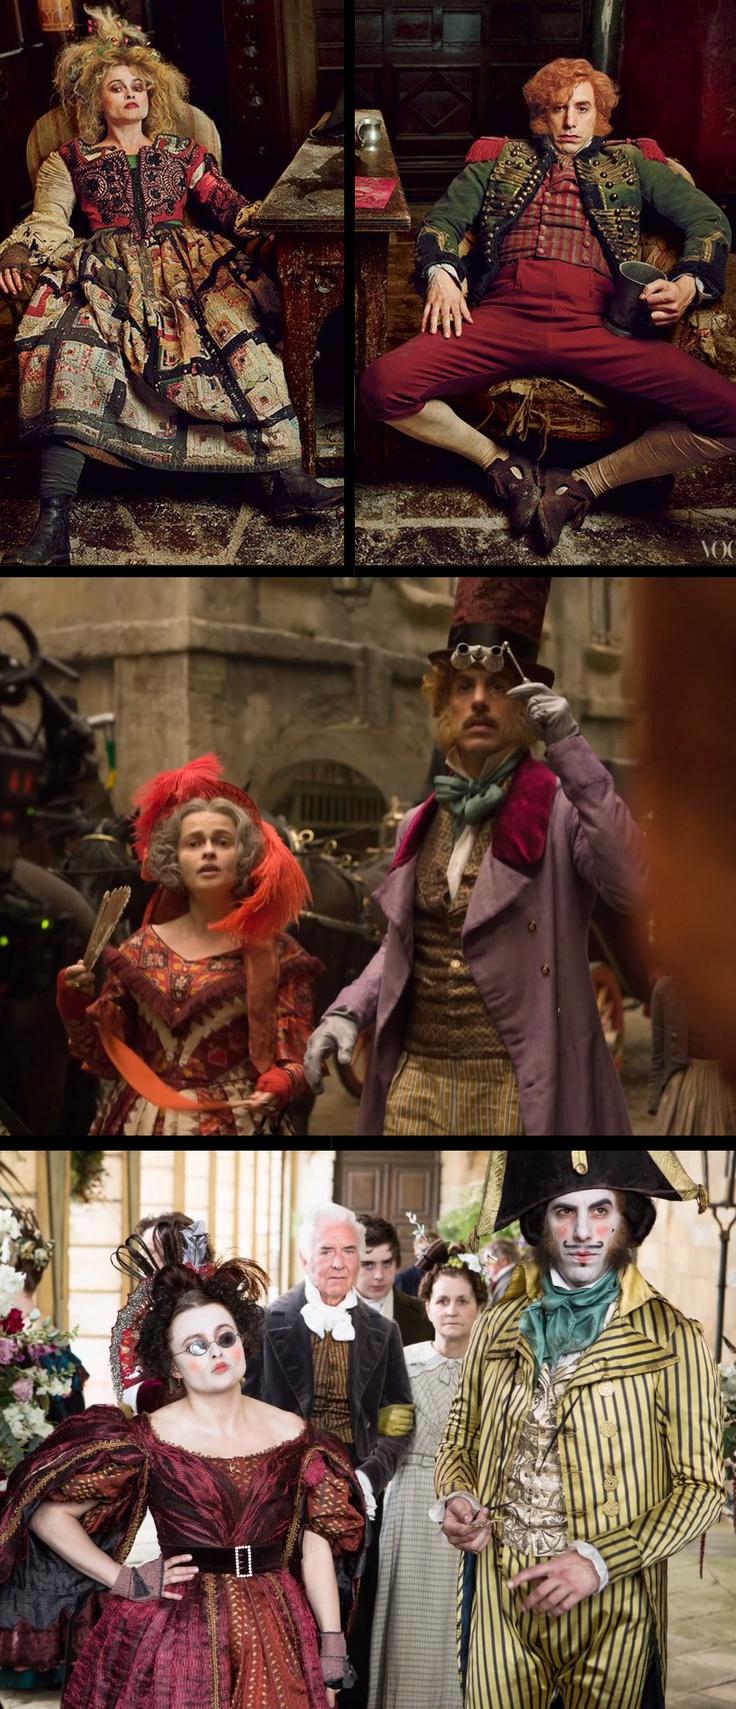 Helena Bonham Carter and Sacha Baron Cohen in 'Les Misérables' (2012) Paco Delgado